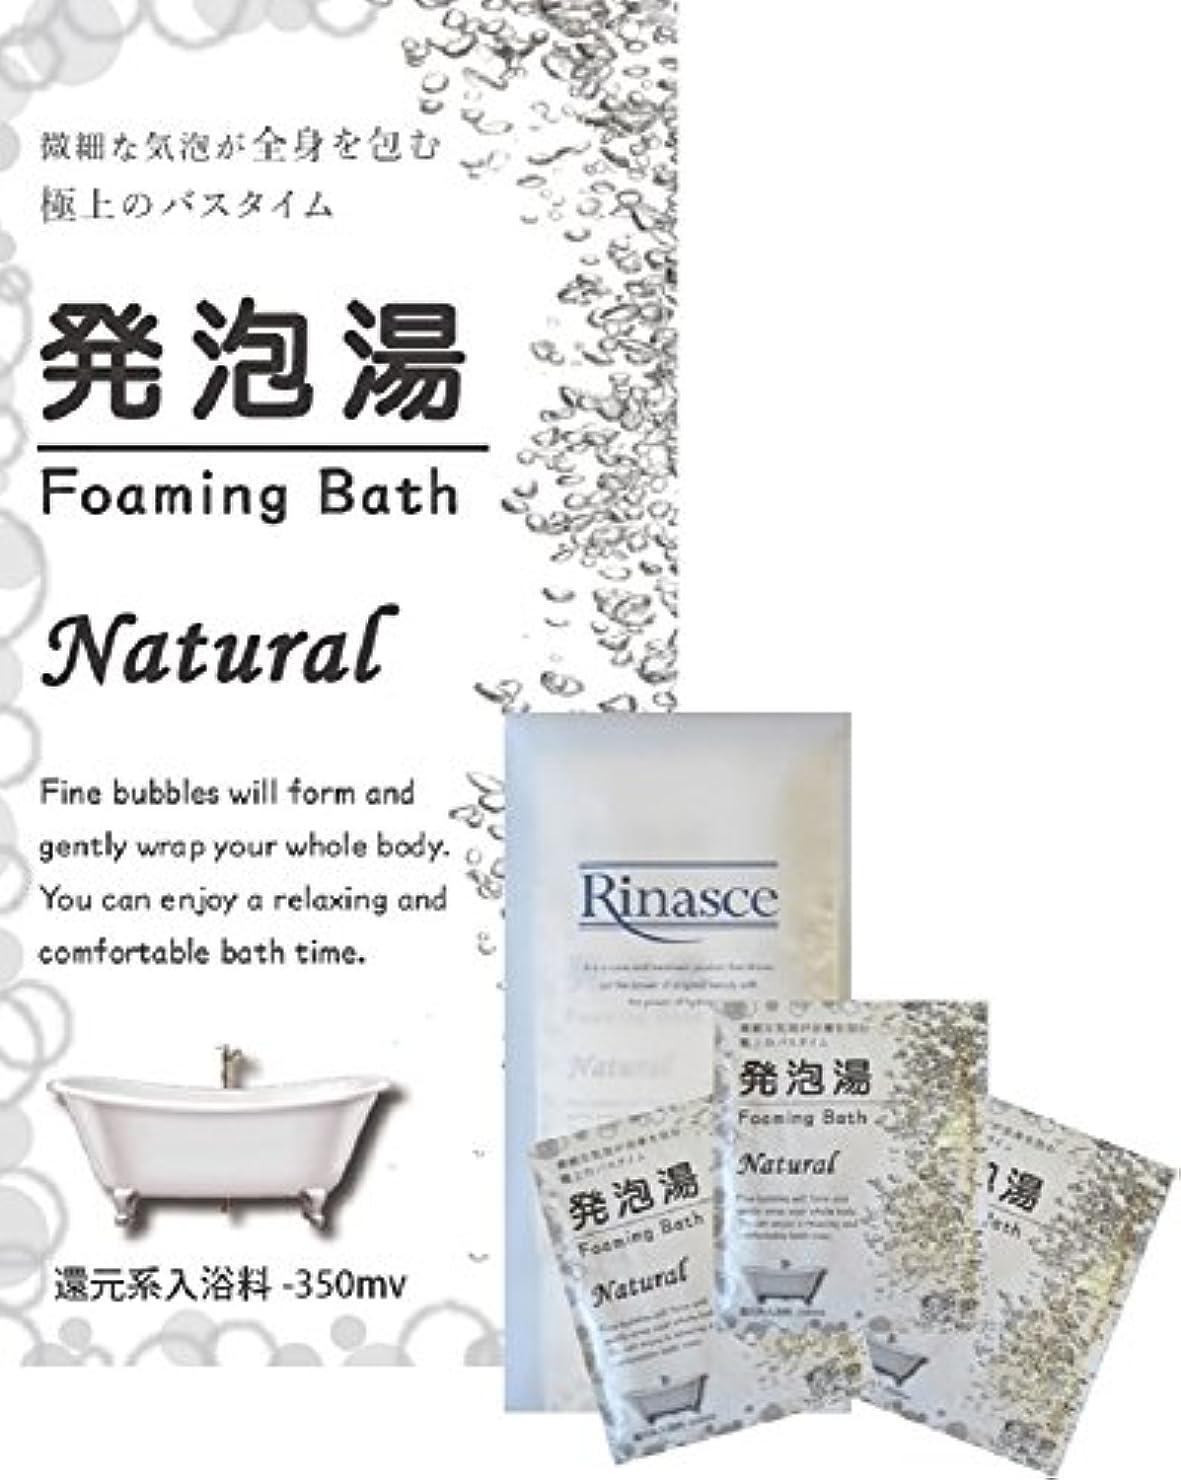 フェミニン必要としている首謀者【ゆうメール対象】発泡湯(はっぽうとう) Foaming Bath Natural ナチュラル 40g 3包セット/微細な気泡が全身を包む極上のバスタイム